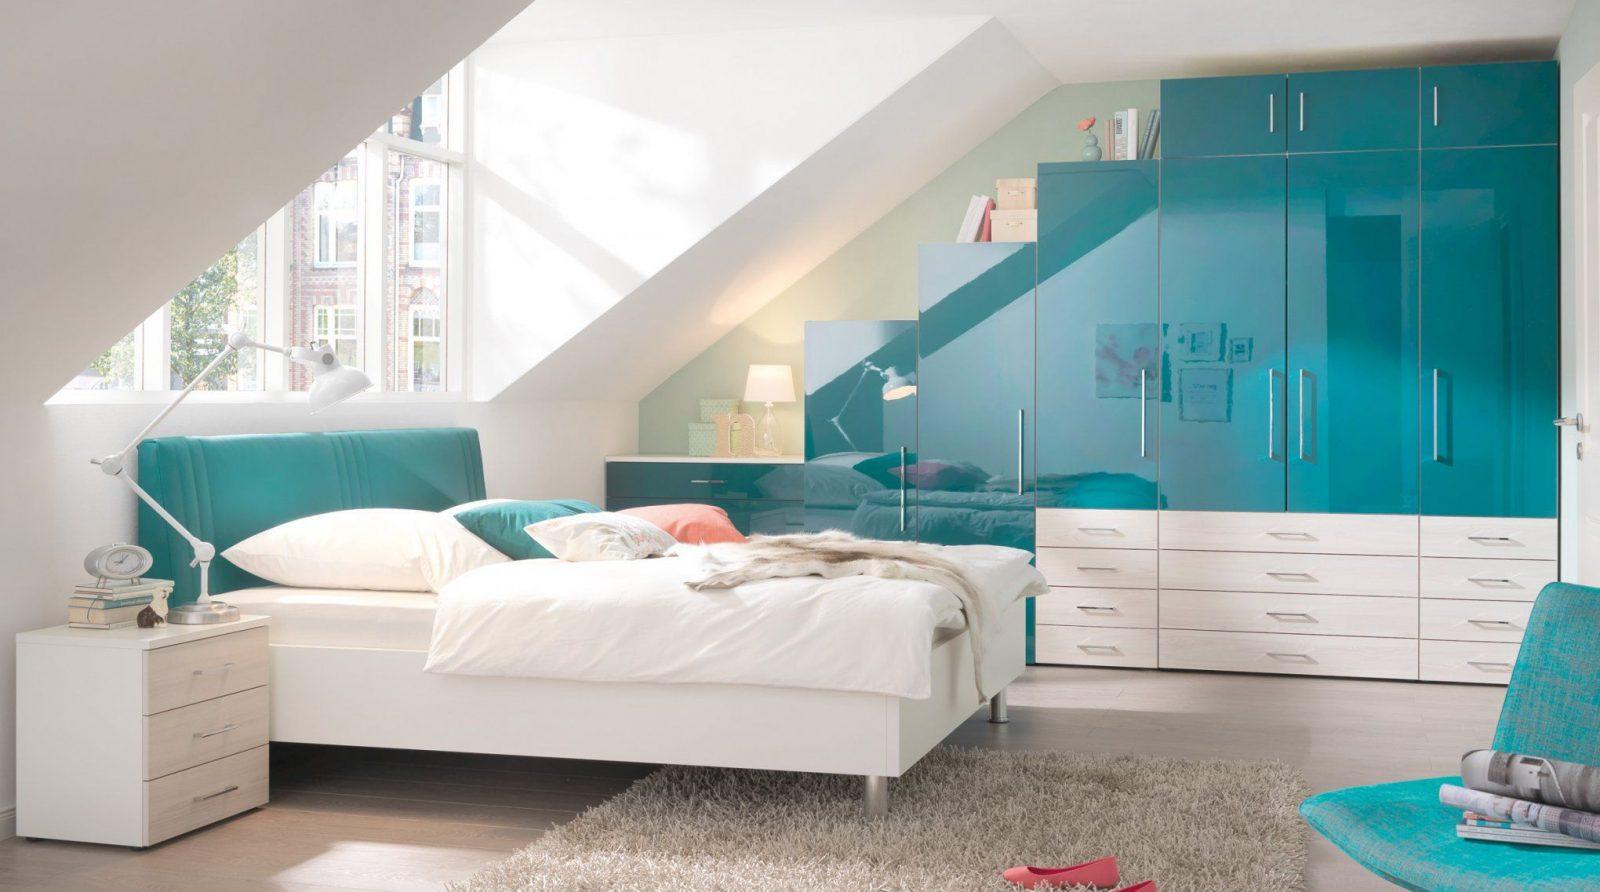 Schlafzimmer Gestalten Farben von Schlafzimmer In Weiß Einrichten Photo